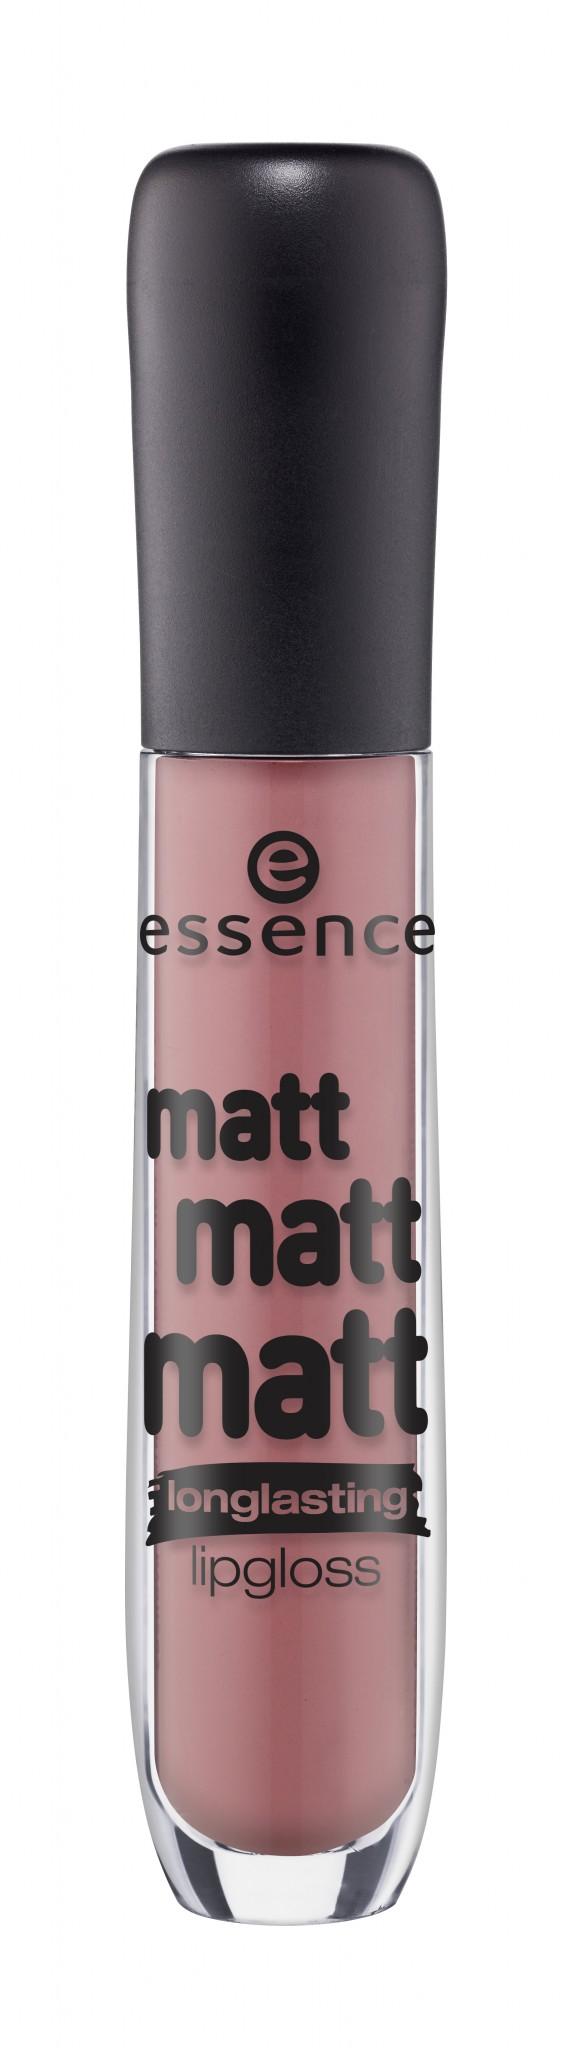 ess_MattMattMatt_Lipdgloss02